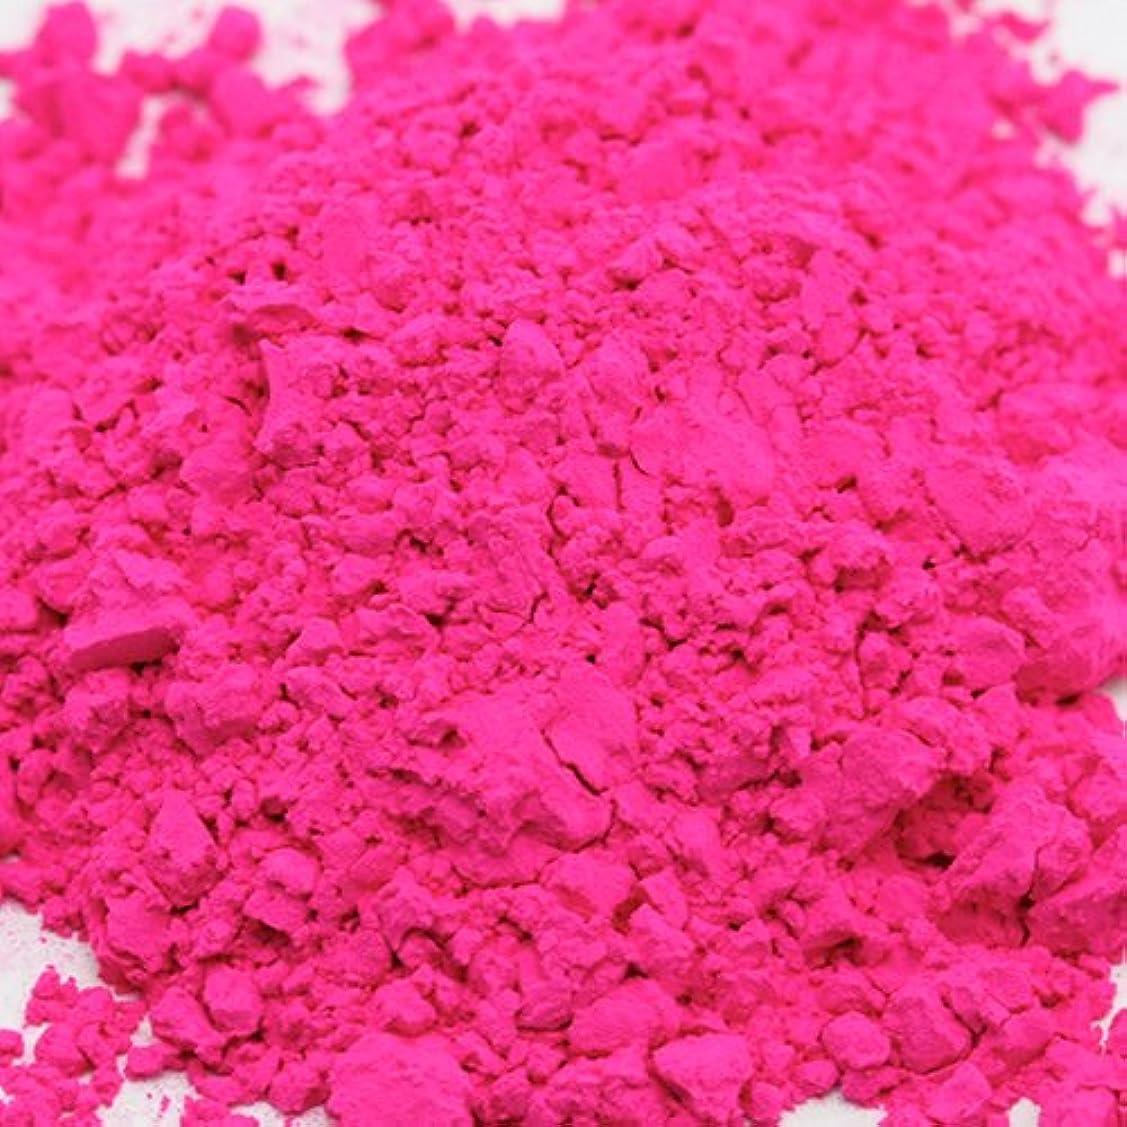 眠り生活ケニアキャンディカラー ピンク 5g 【手作り石鹸/手作りコスメ/色付け/カラーラント】